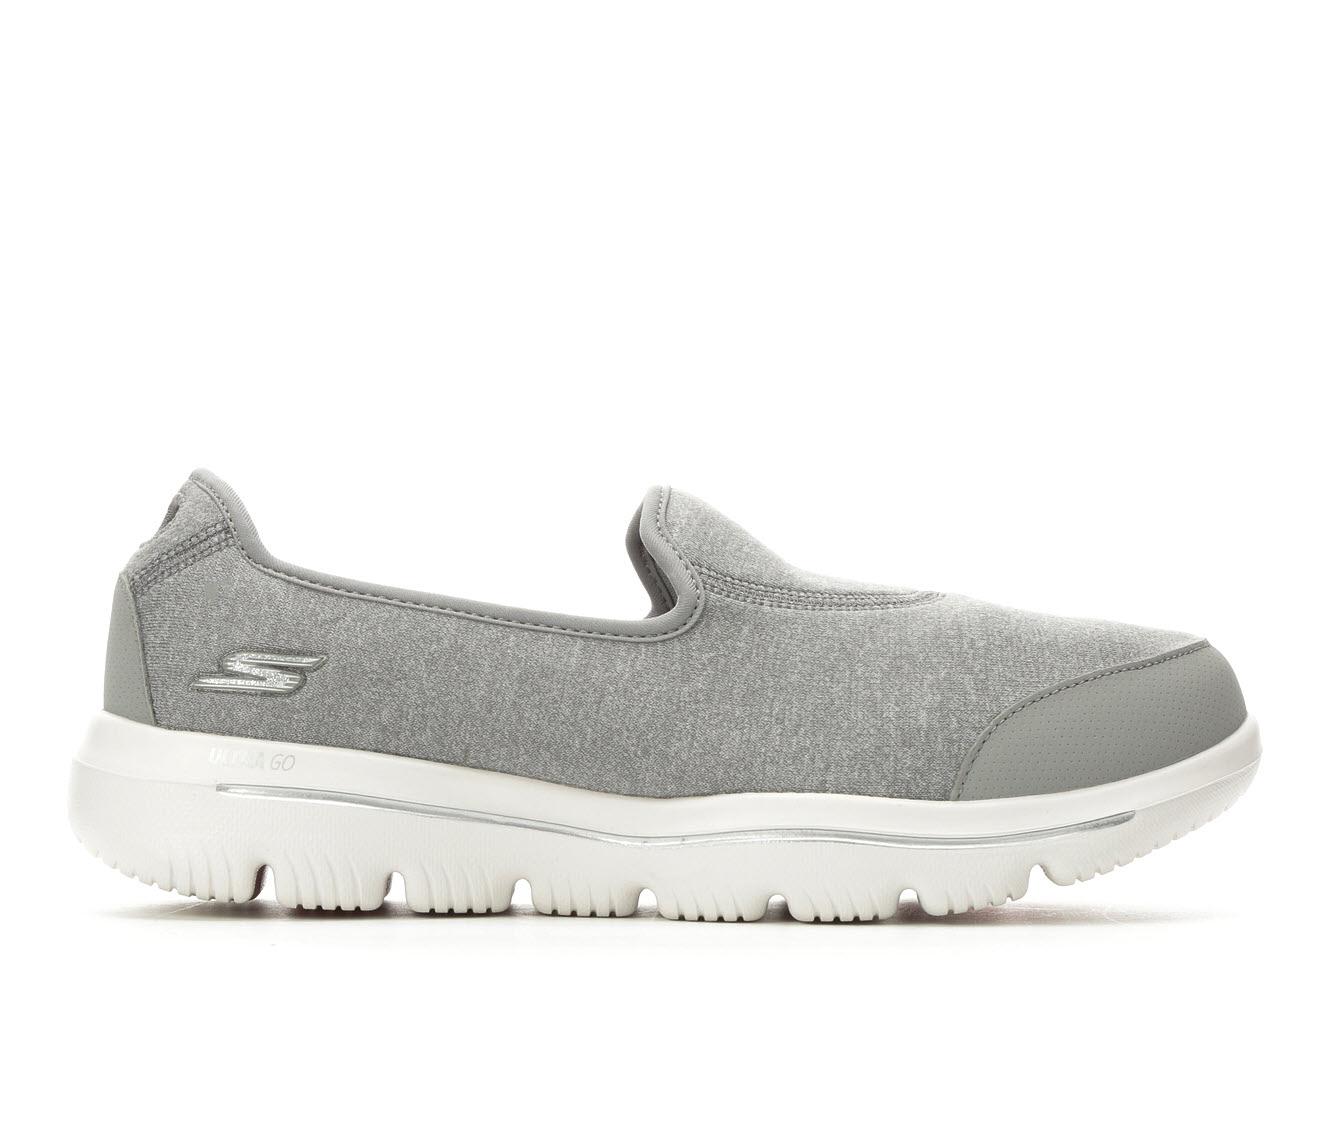 Skechers Go Ultra 15763 Women's Shoe (Gray Canvas)